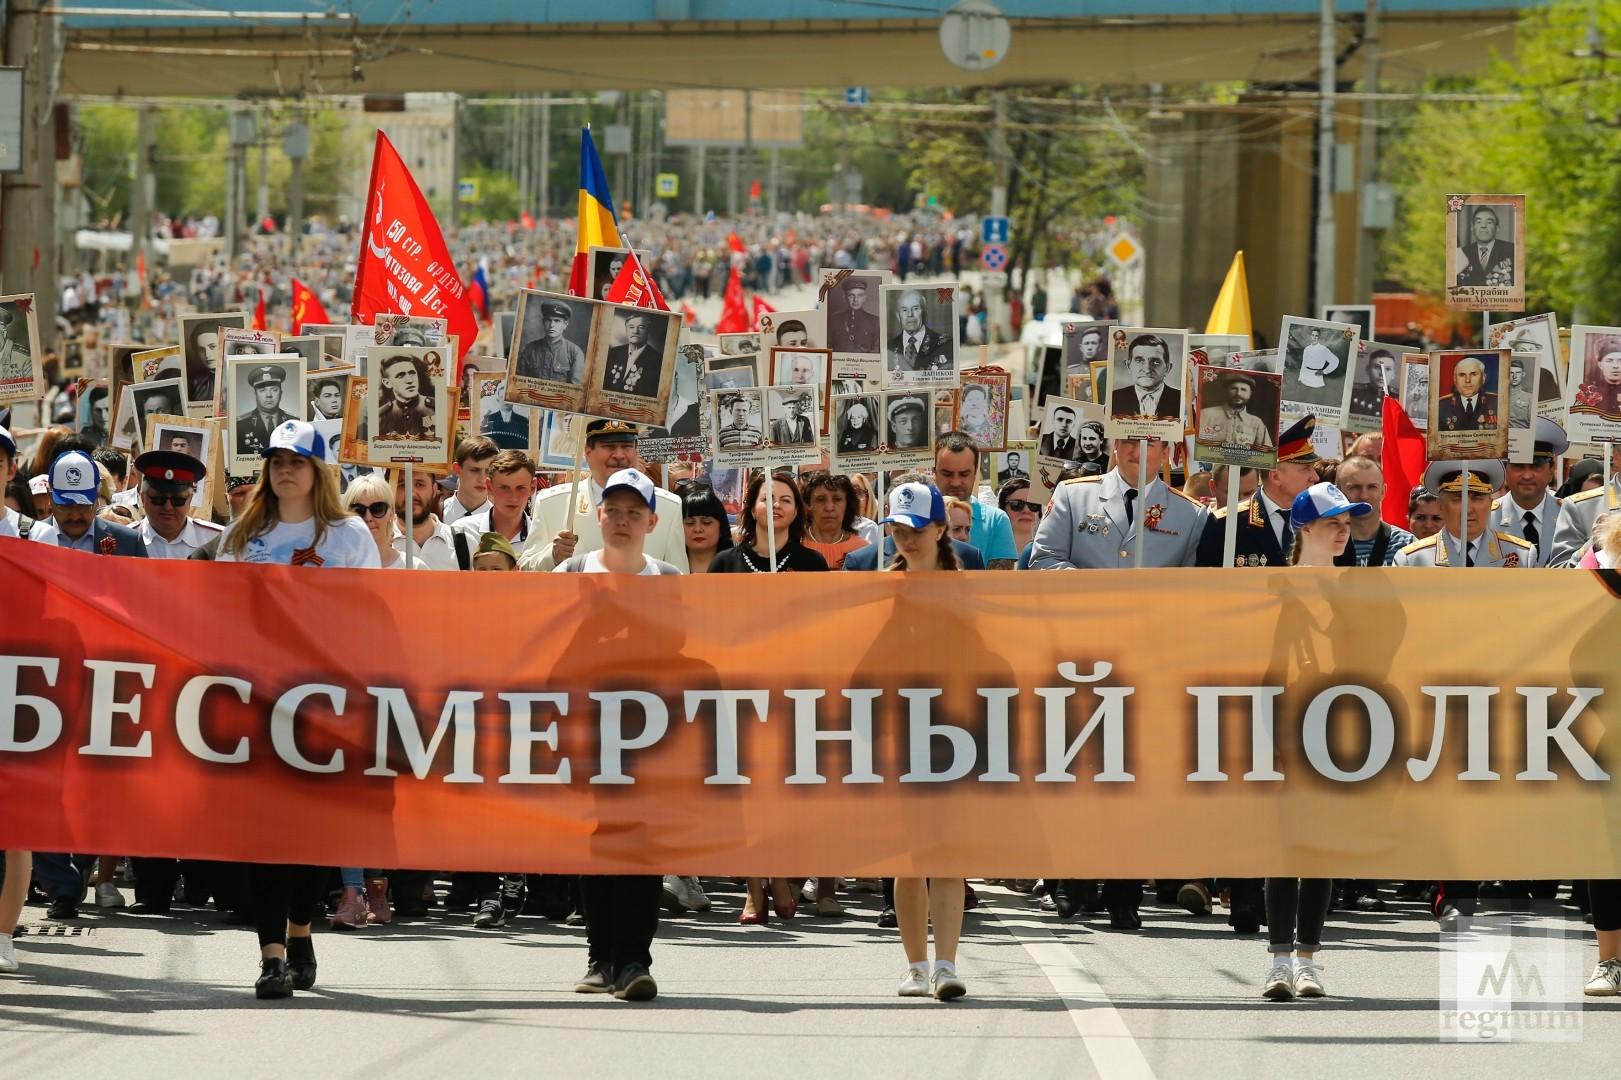 Бессмертный полк в Волгограде